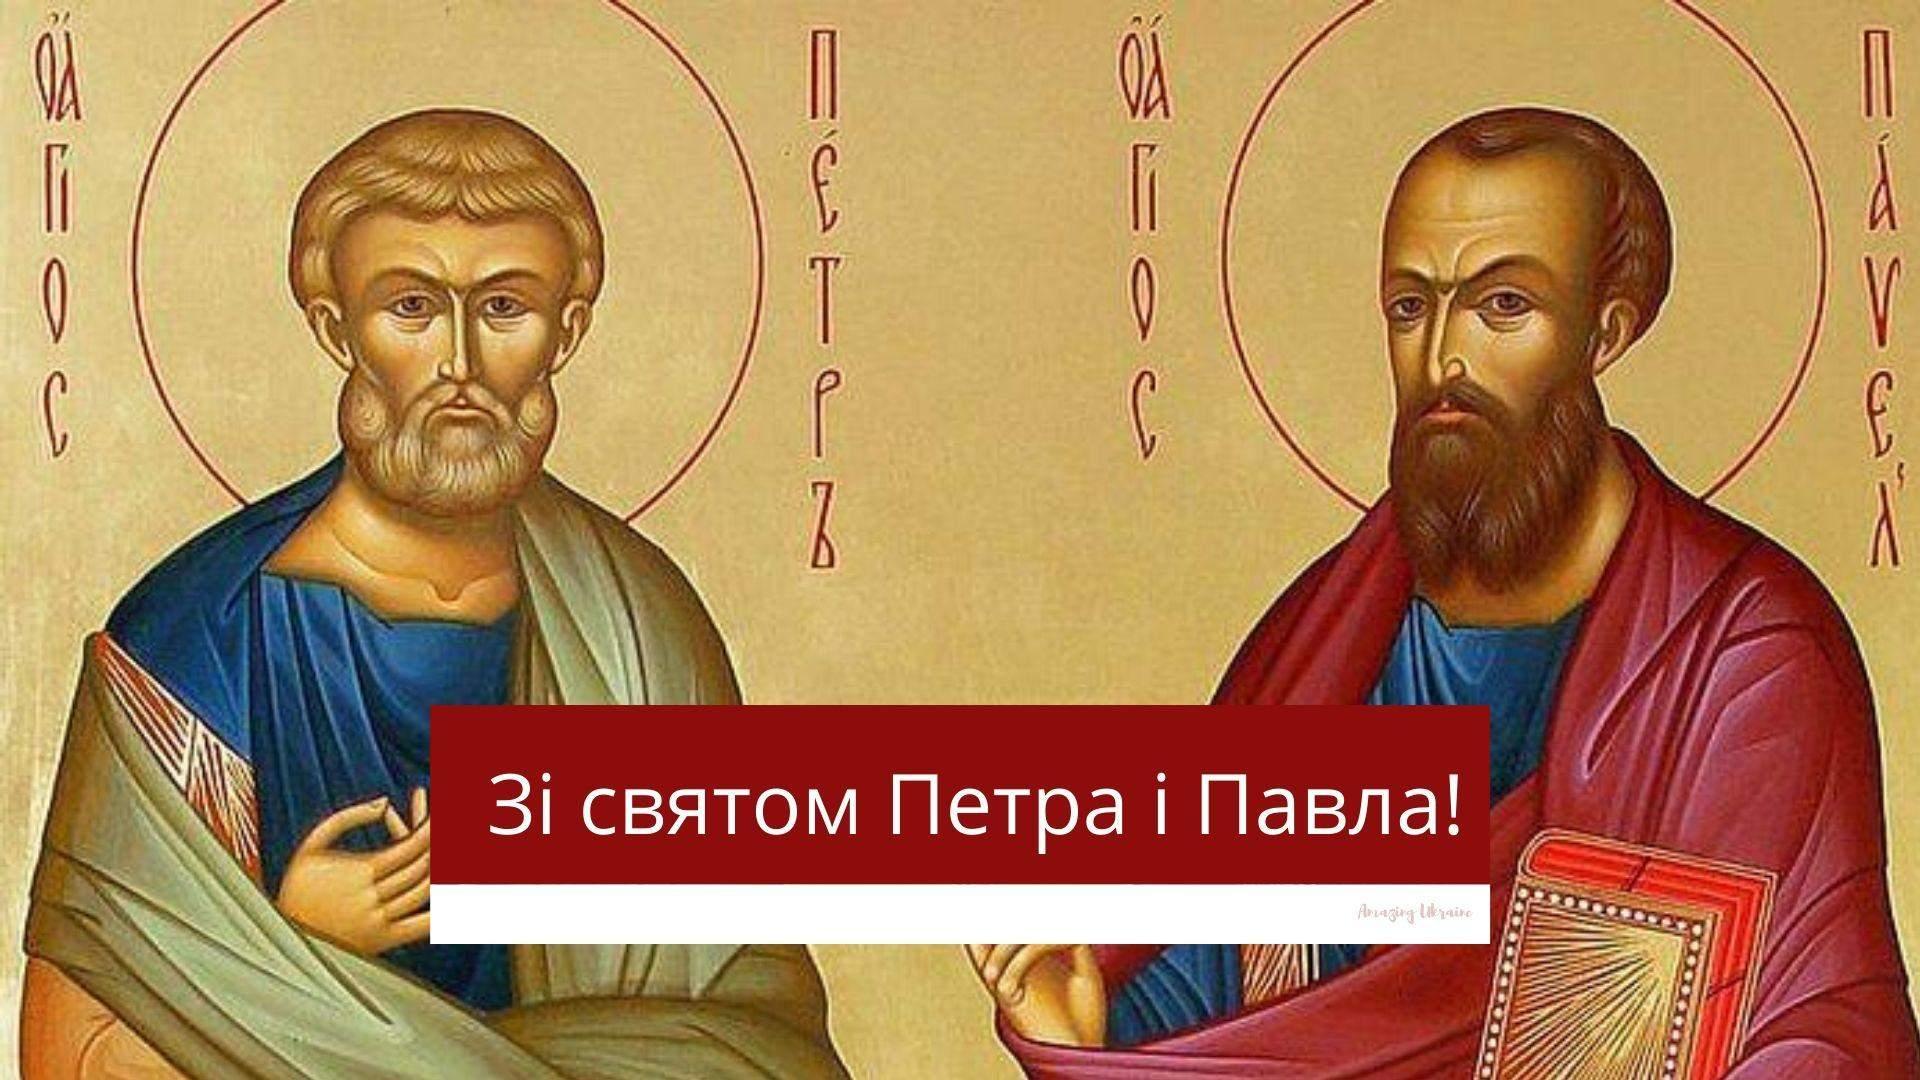 День Петра і Павла 2021 картинки привітання